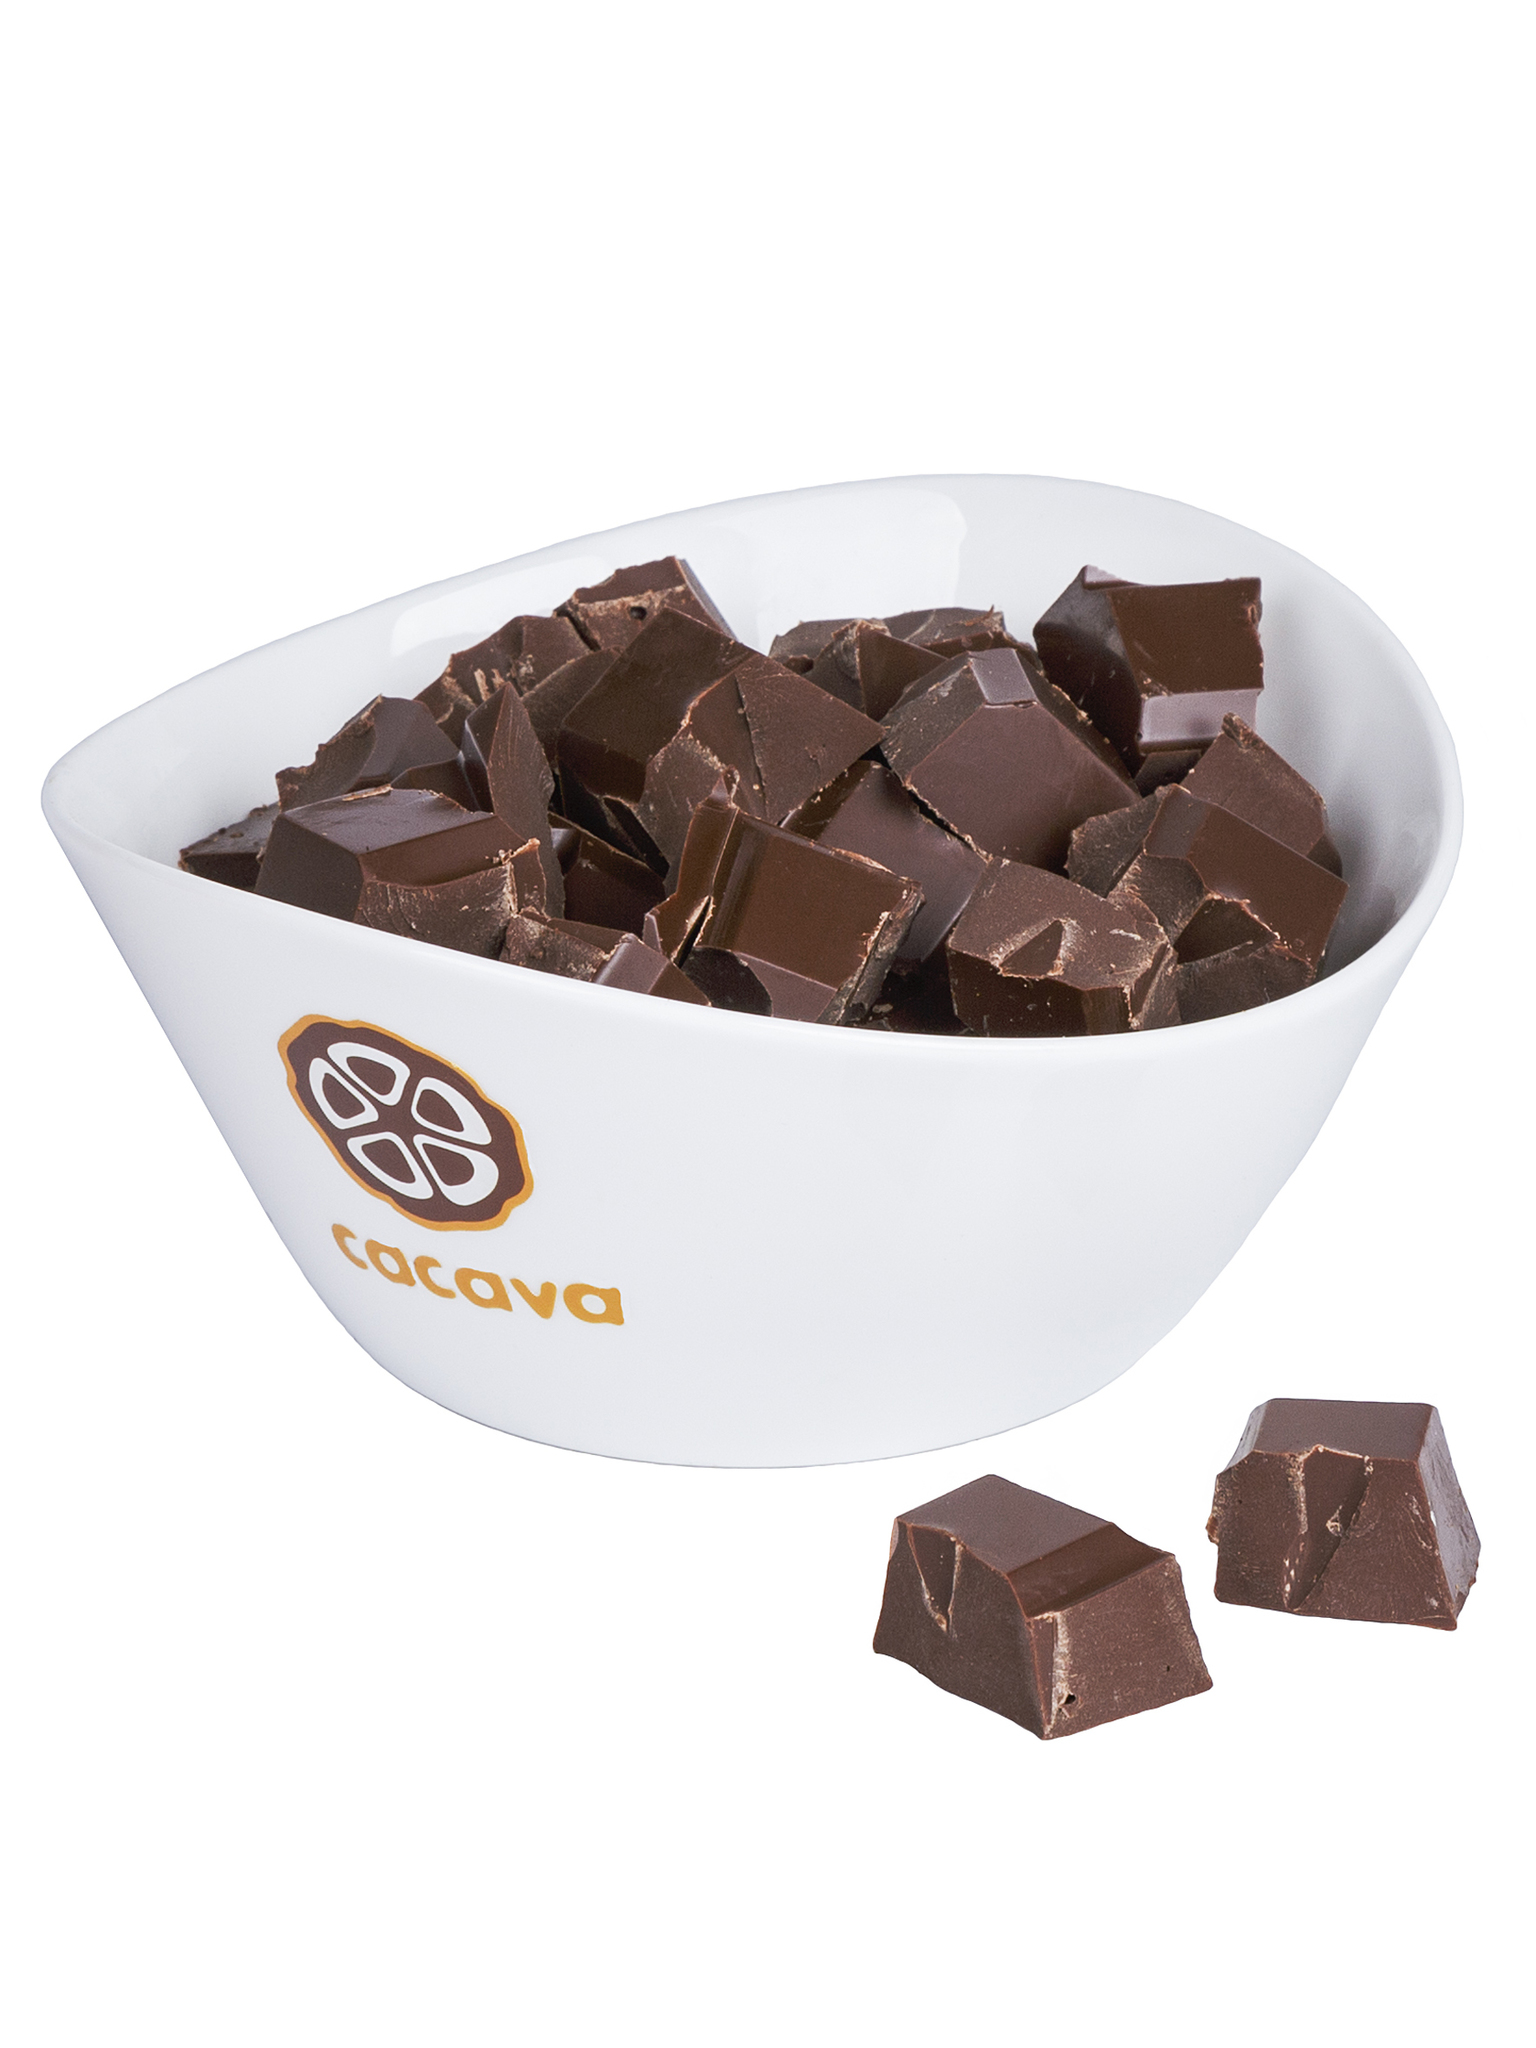 Молочный шоколад 50 % какао (Мадагаскар), внешний вид